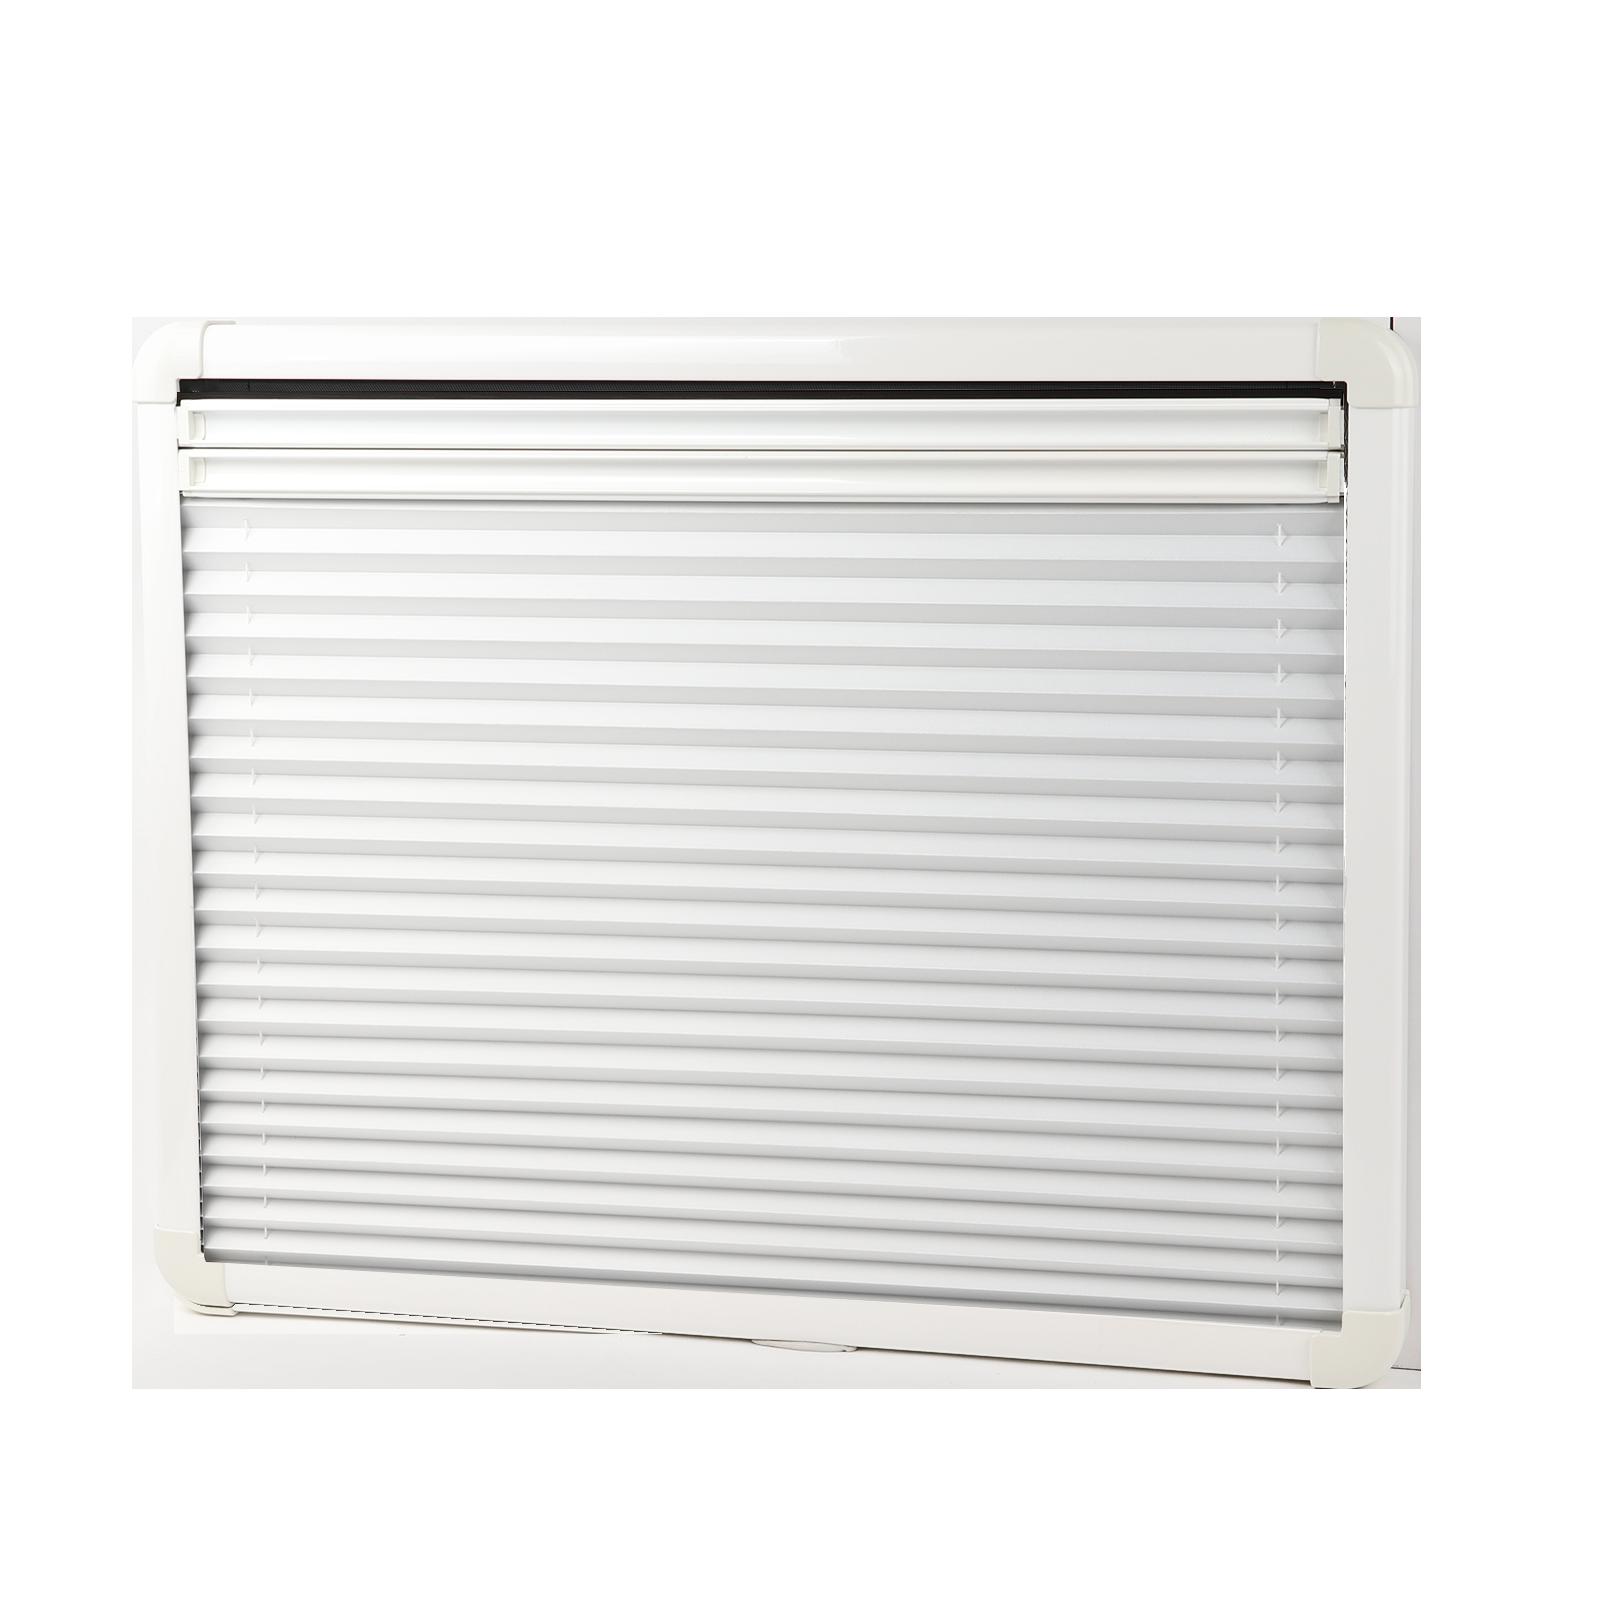 Innenrahmen, Verdunkelung und Insektenschutz für Ausstellfenster Sichtschutz 500